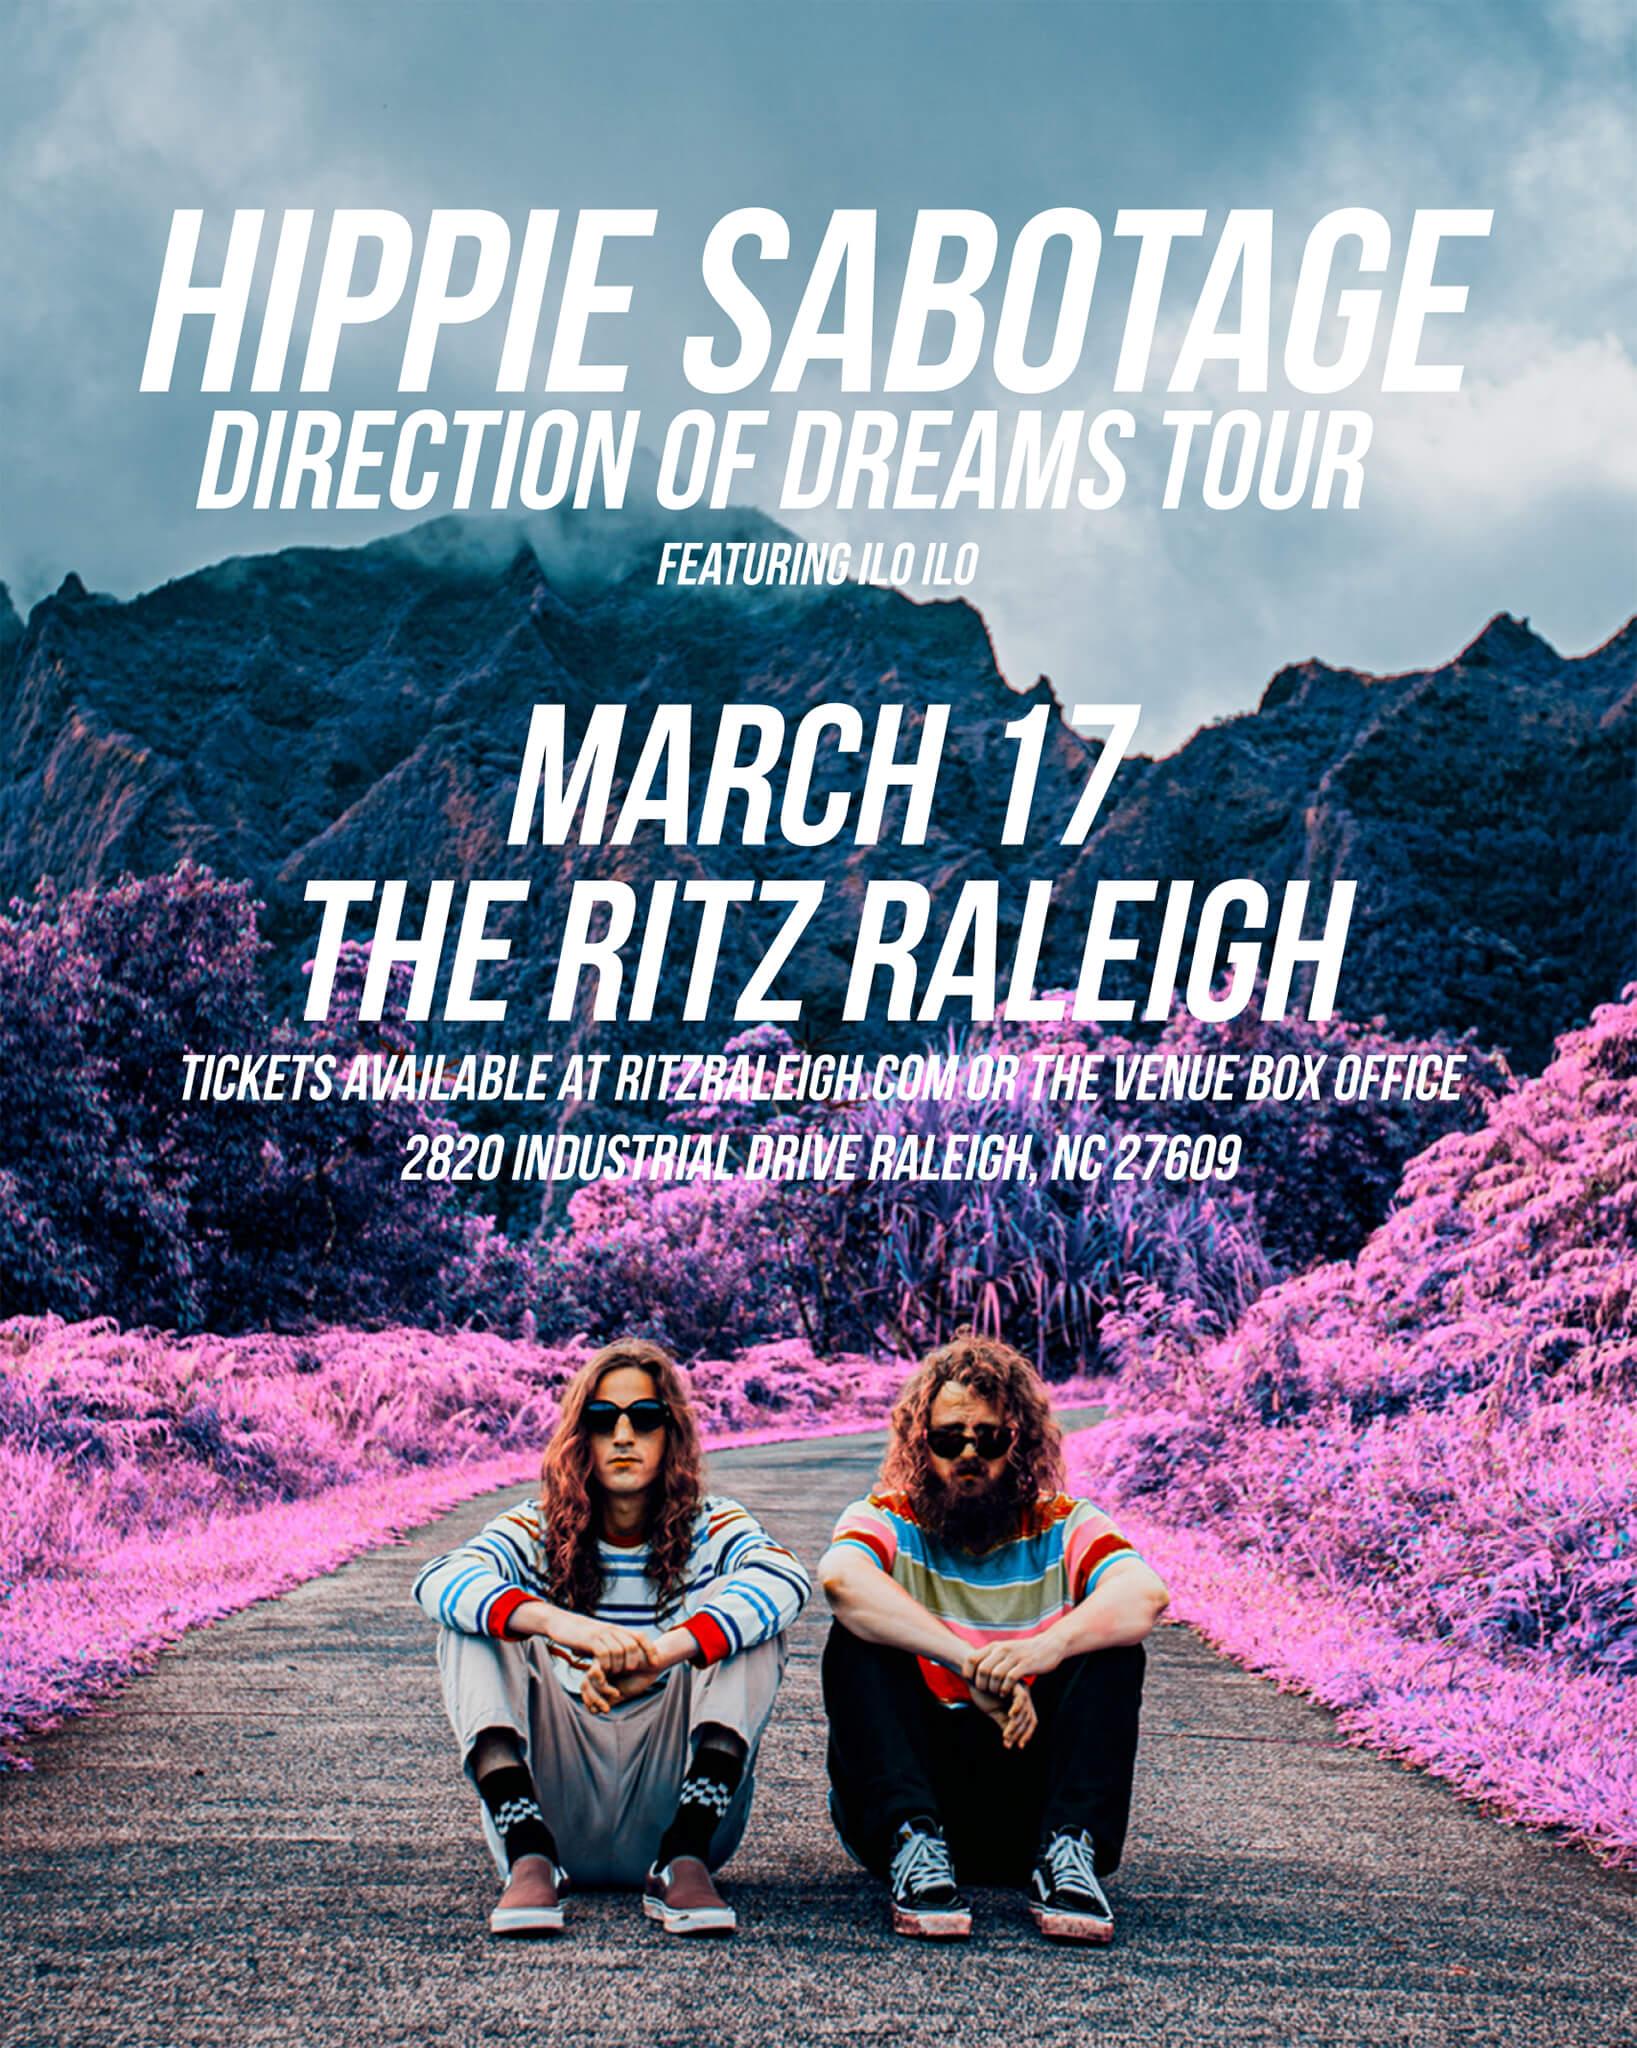 Hippie Sabotage in Raleigh